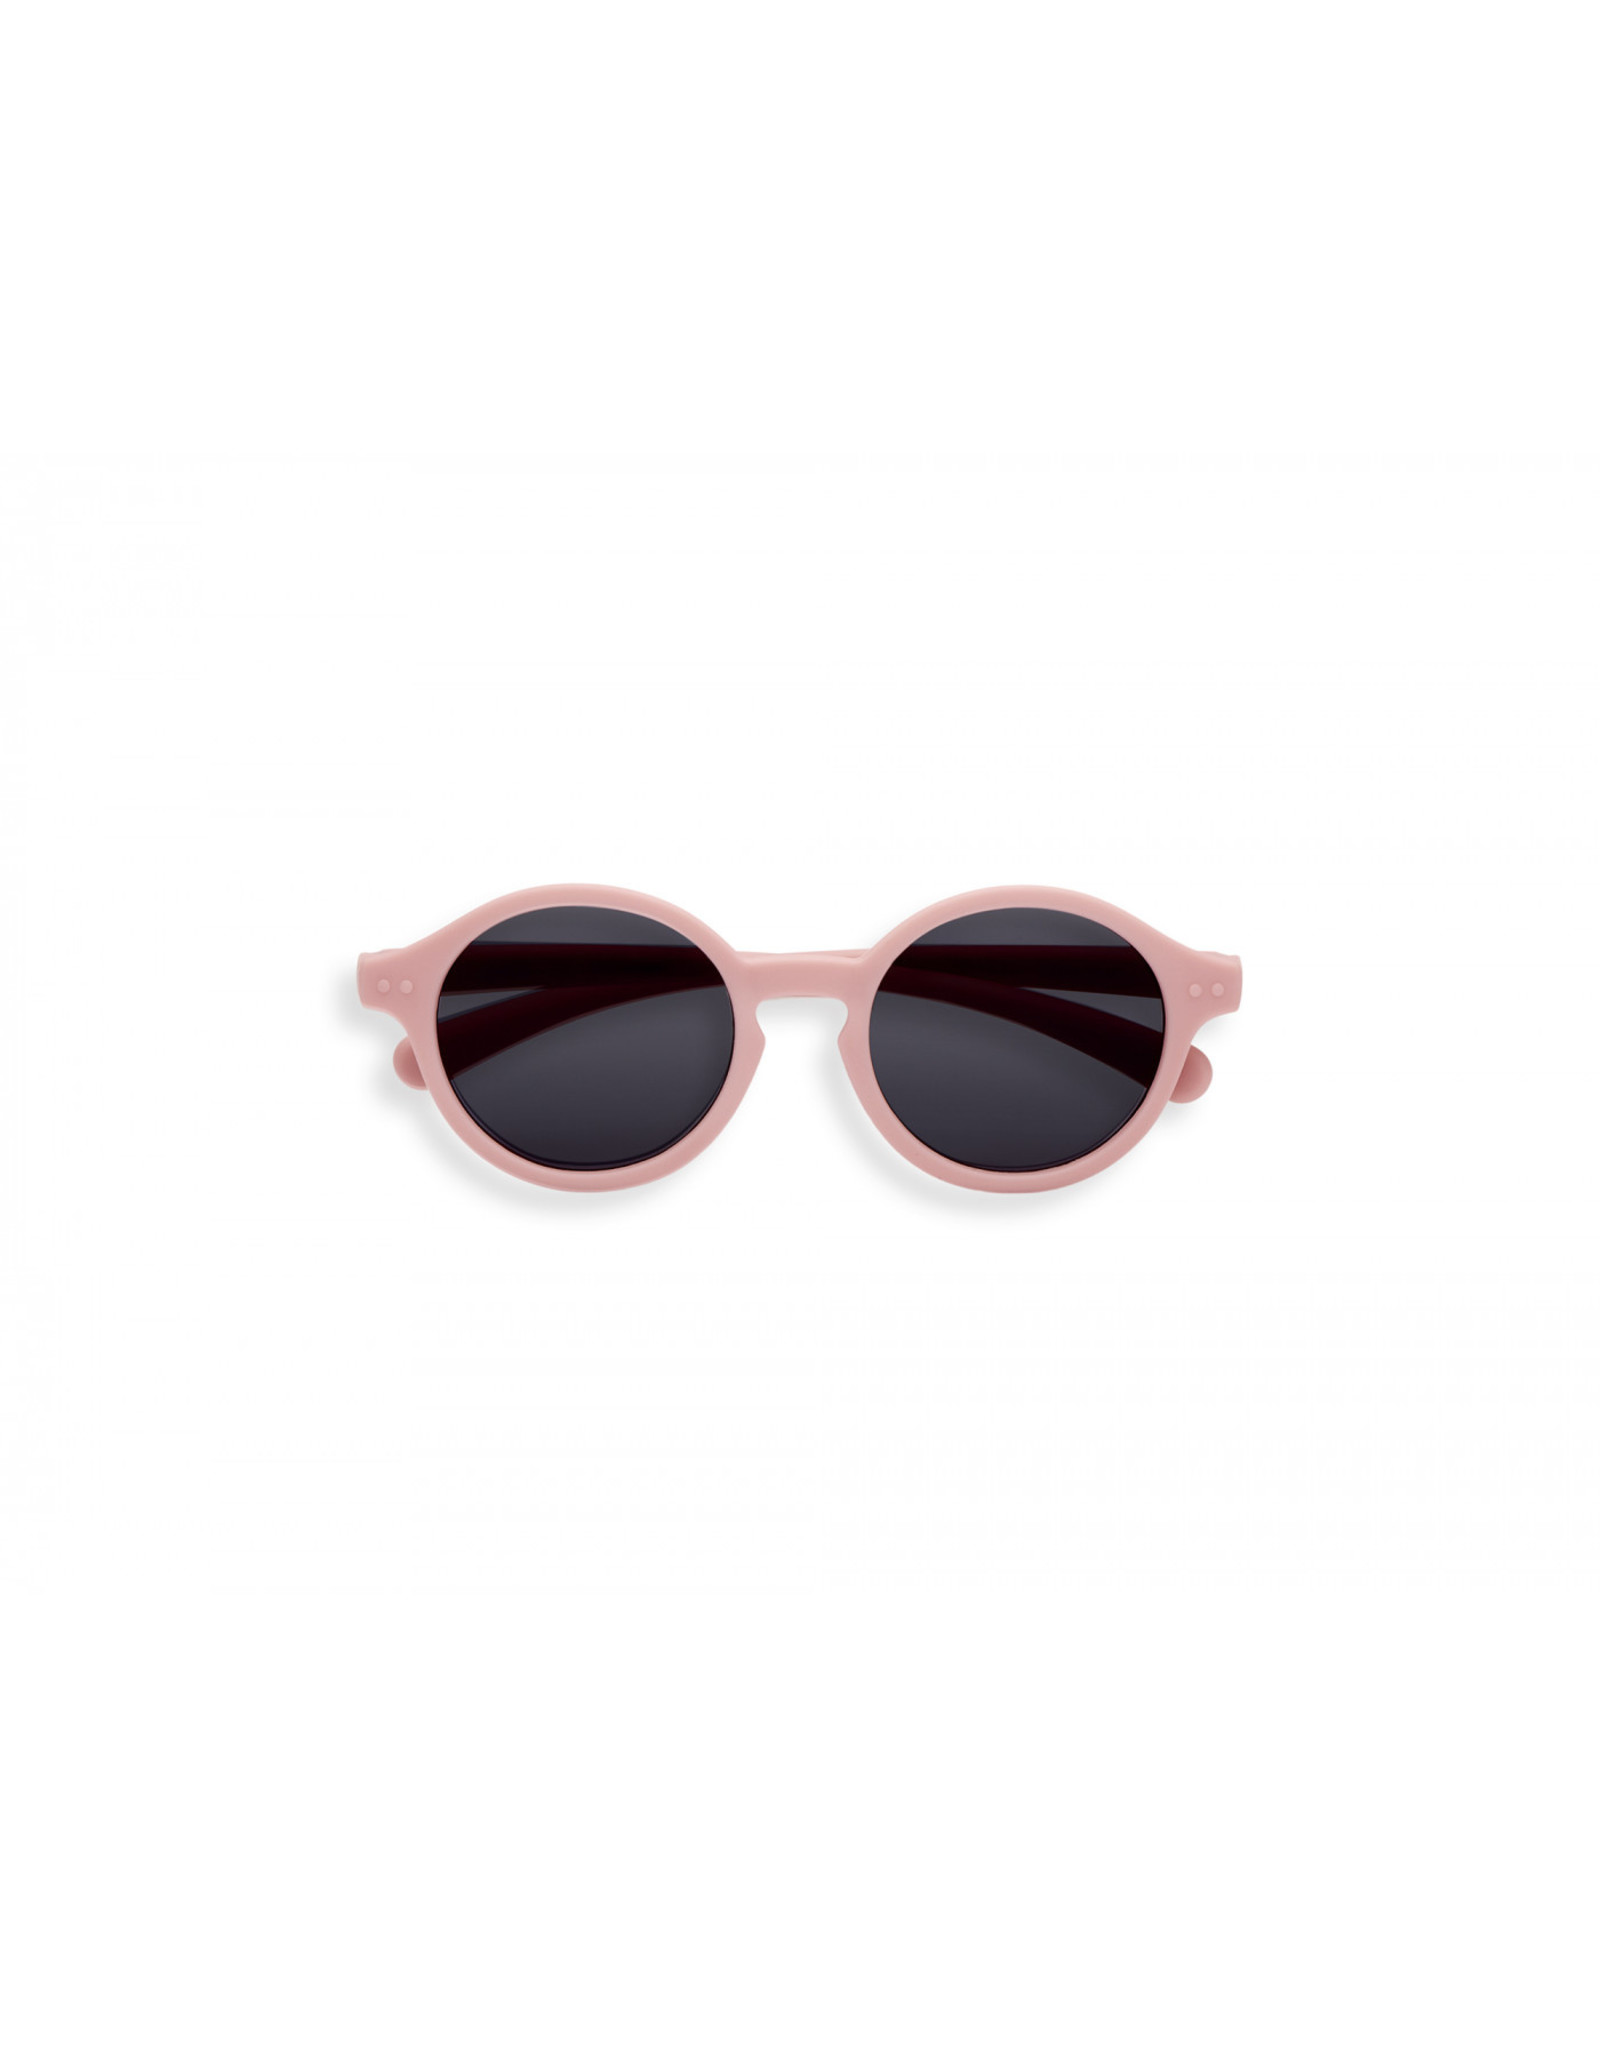 IZIPIZI SUN KIDS + Pastel Pink